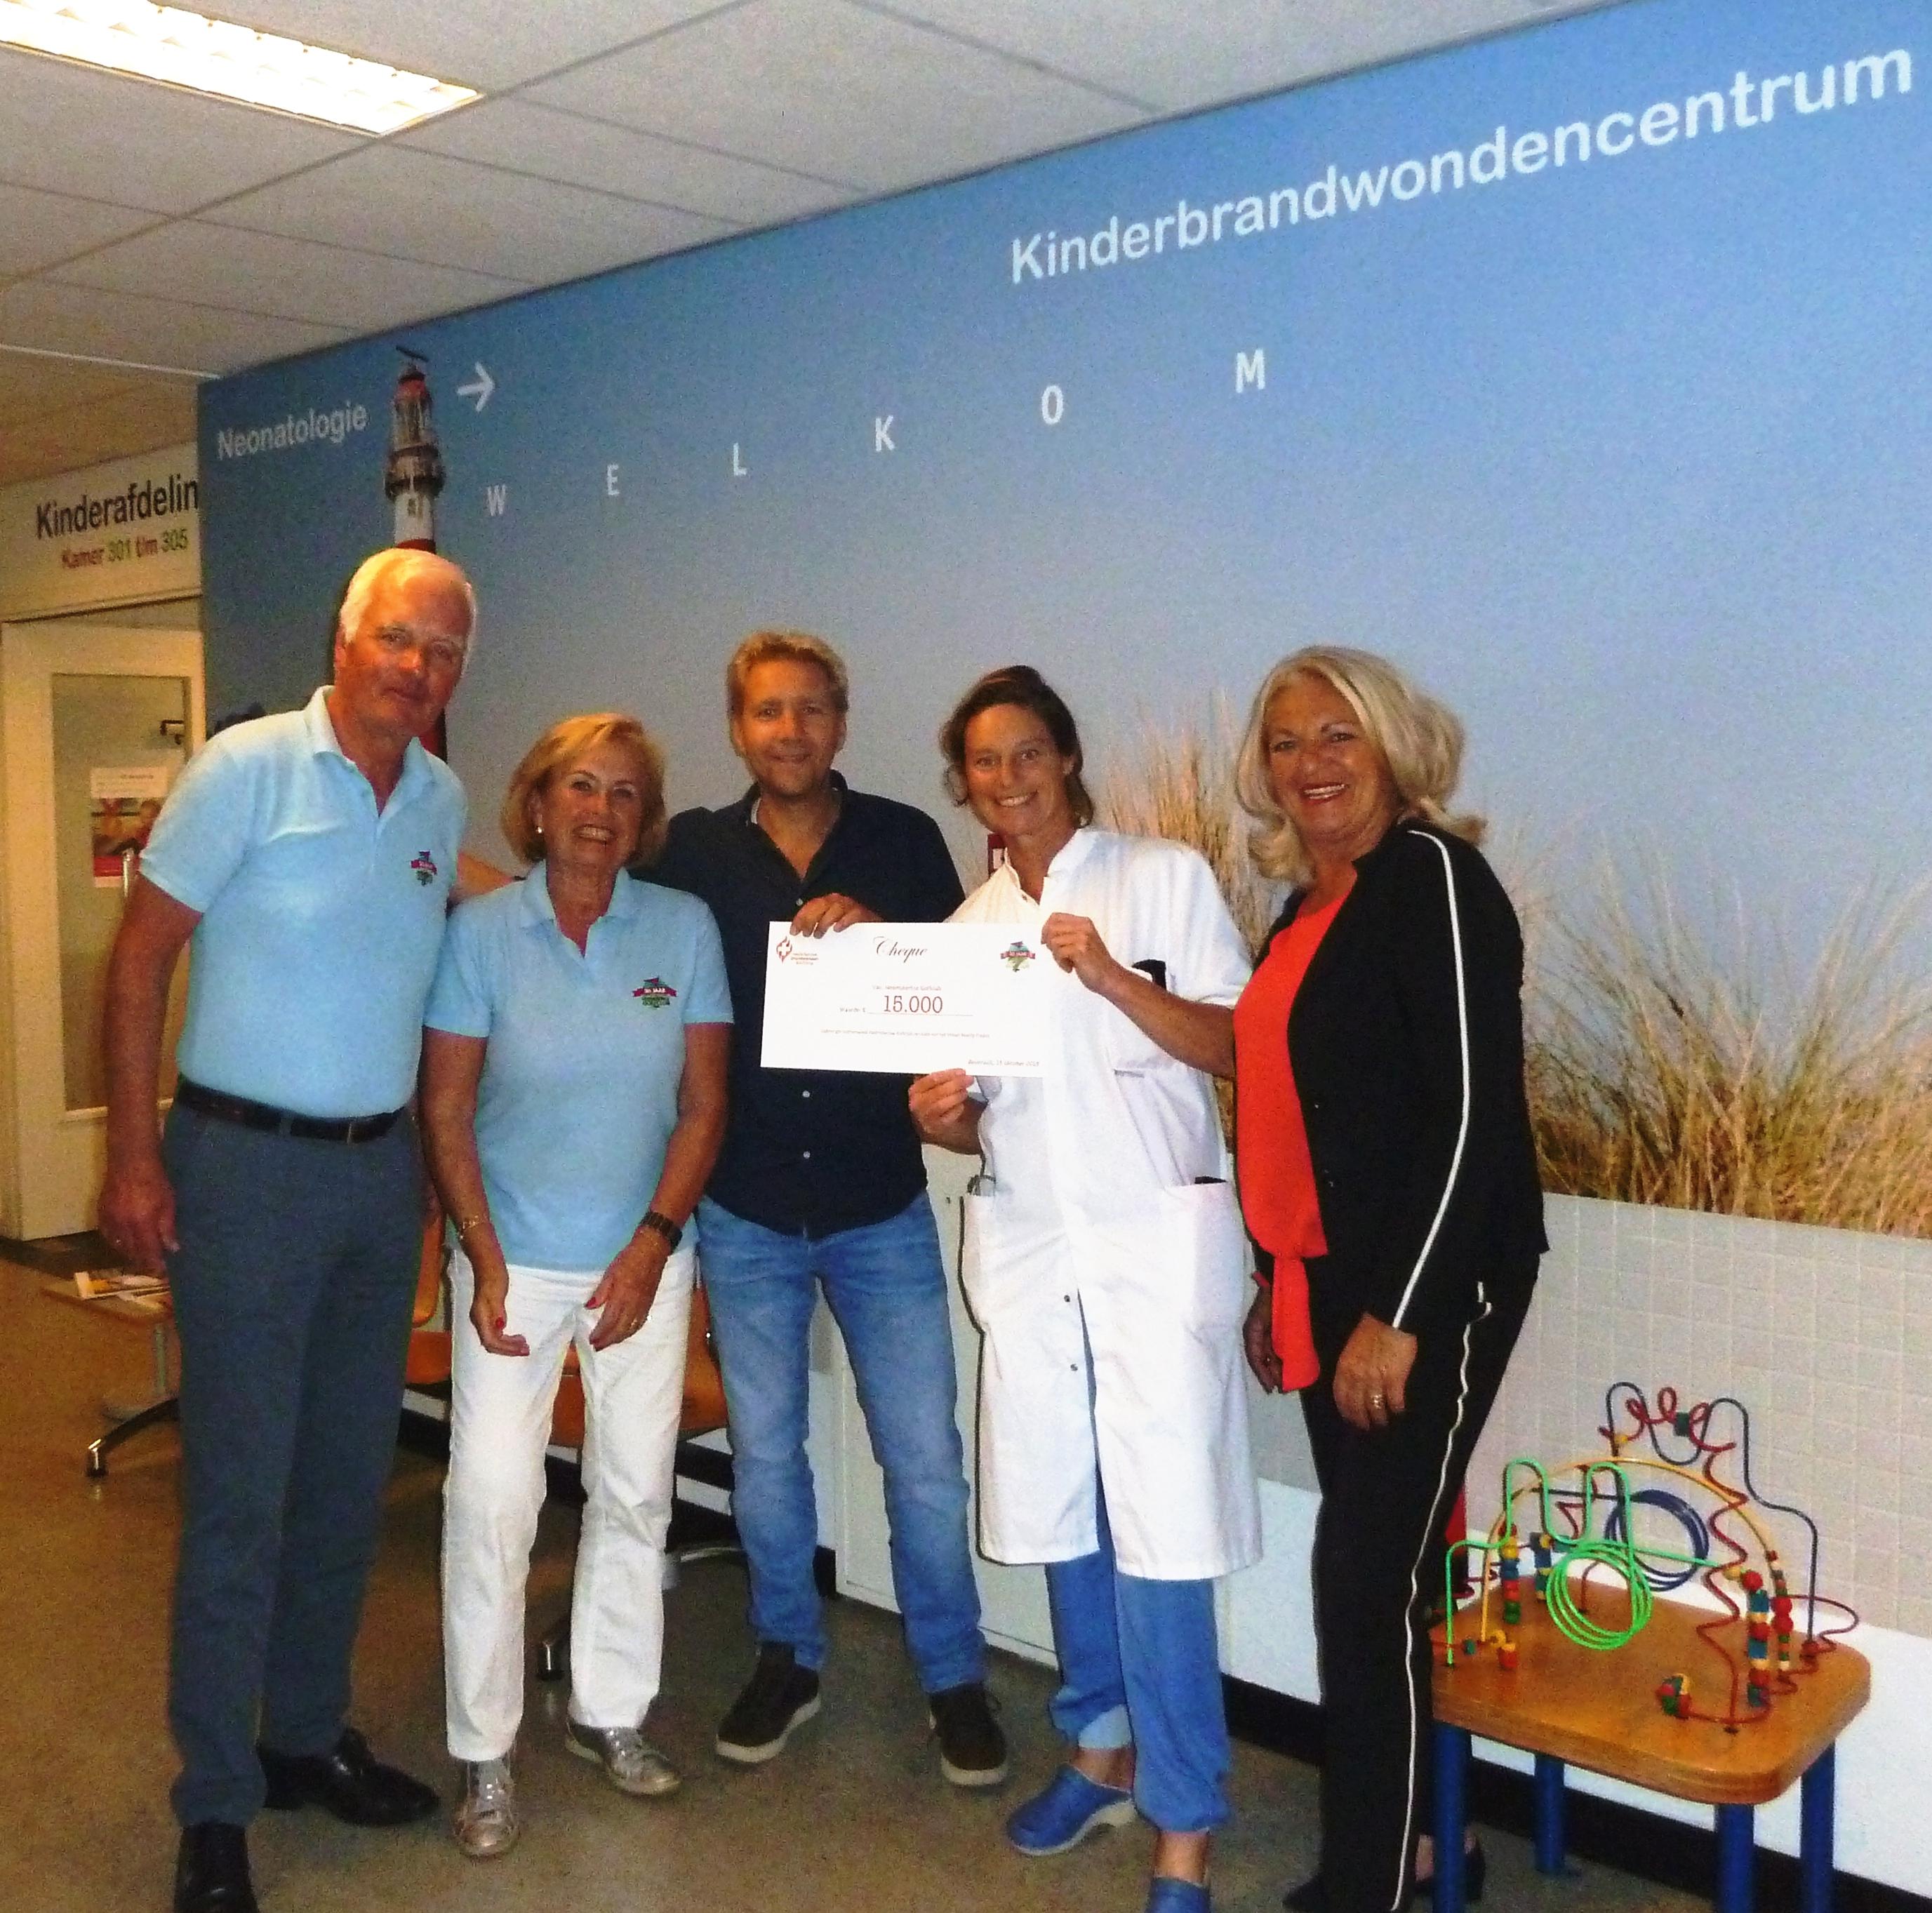 Namens de lustrumcommissie van de Heemskerkse Golfclub hebben Cocky Andree en Henk Vromans de cheque ter waarde van 15.000 euro overhandigd aan Ariënne de Boer (fondsenwerver van de Nederlandse Brandwondenstichting), Annebeth de Vries (chirurg en hoofd Kinderbrandwondencentrum te Beverwijk) en